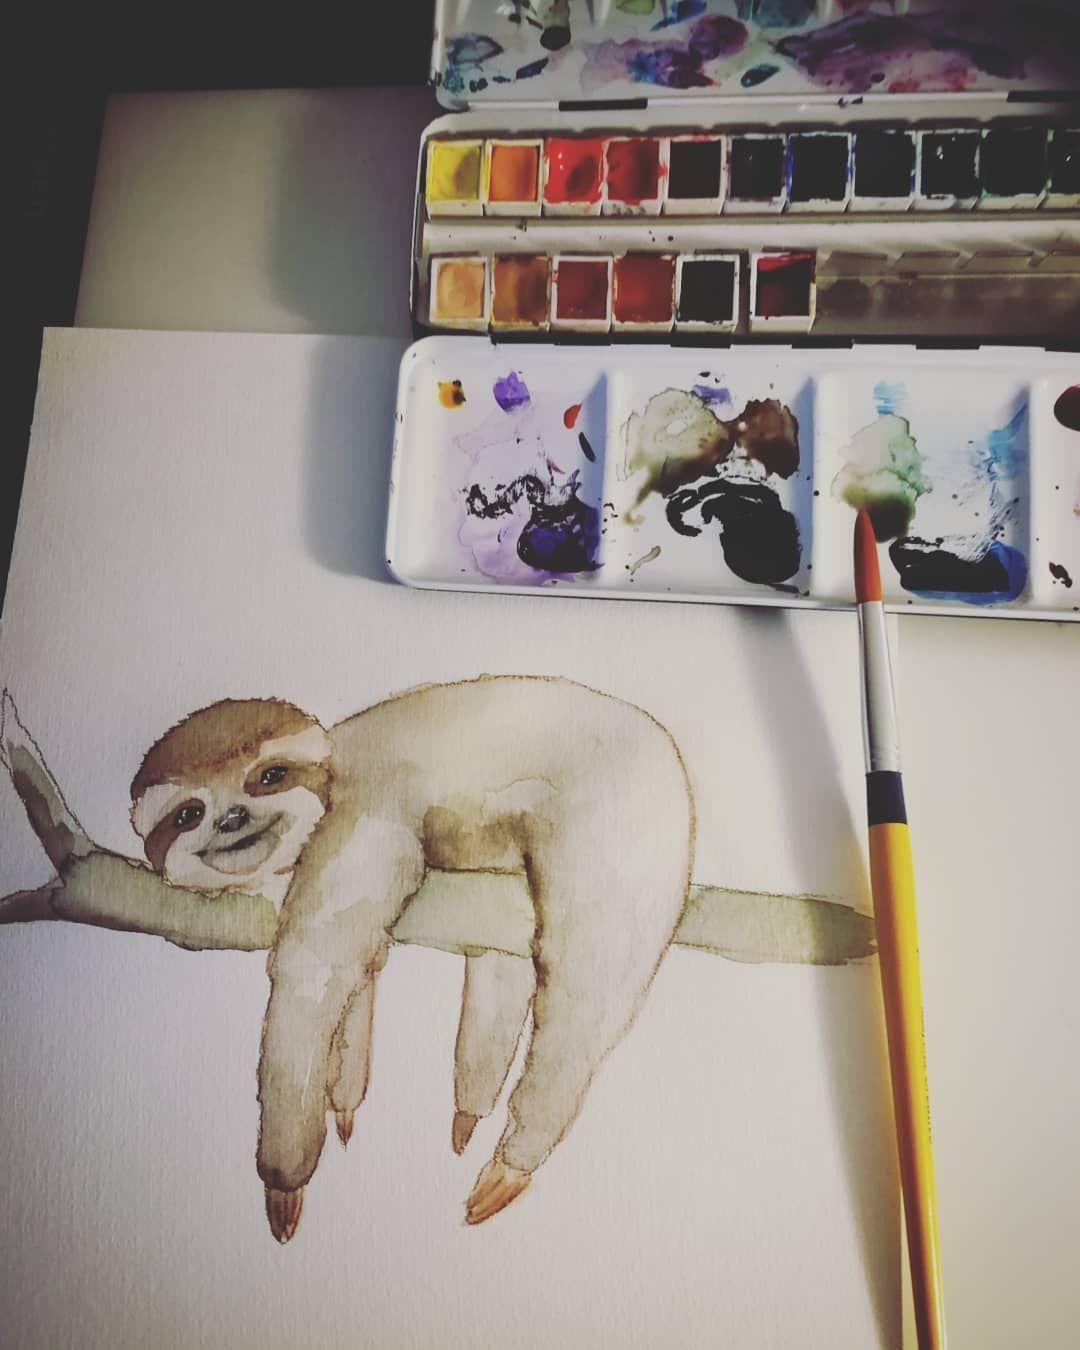 Manchmal braucht es nicht viel mehr als eine Hängematte und viiiel Sonnenschein Einfach mal die Seele baumeln lassen. #aquarell #faultier #sloth #makingof #watercolor #sunnywall #art #malerei #freigeist #leben #aquarelle #wasserfarben #cute #homesweethome #träume #faulenzer #selbstgemachteleinwandkunst